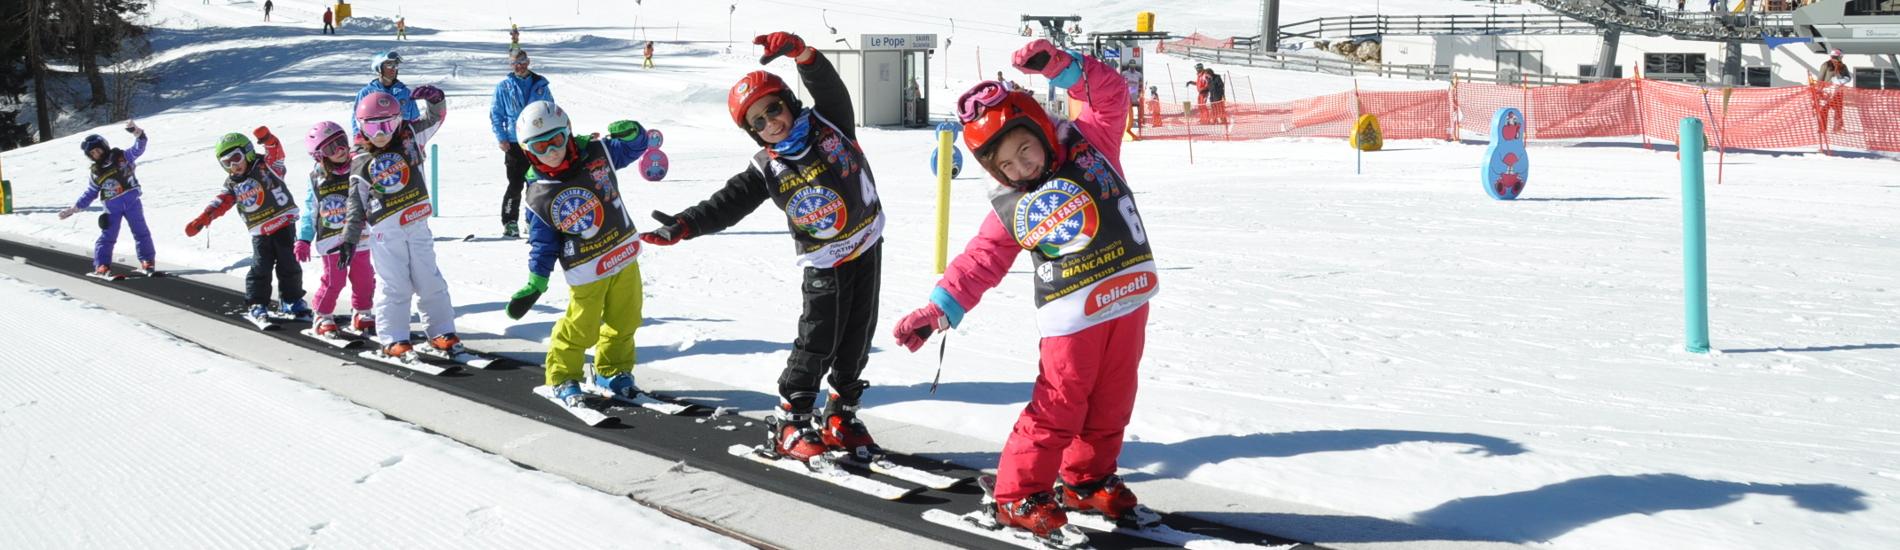 Scuola di sci per bambini in Trentino